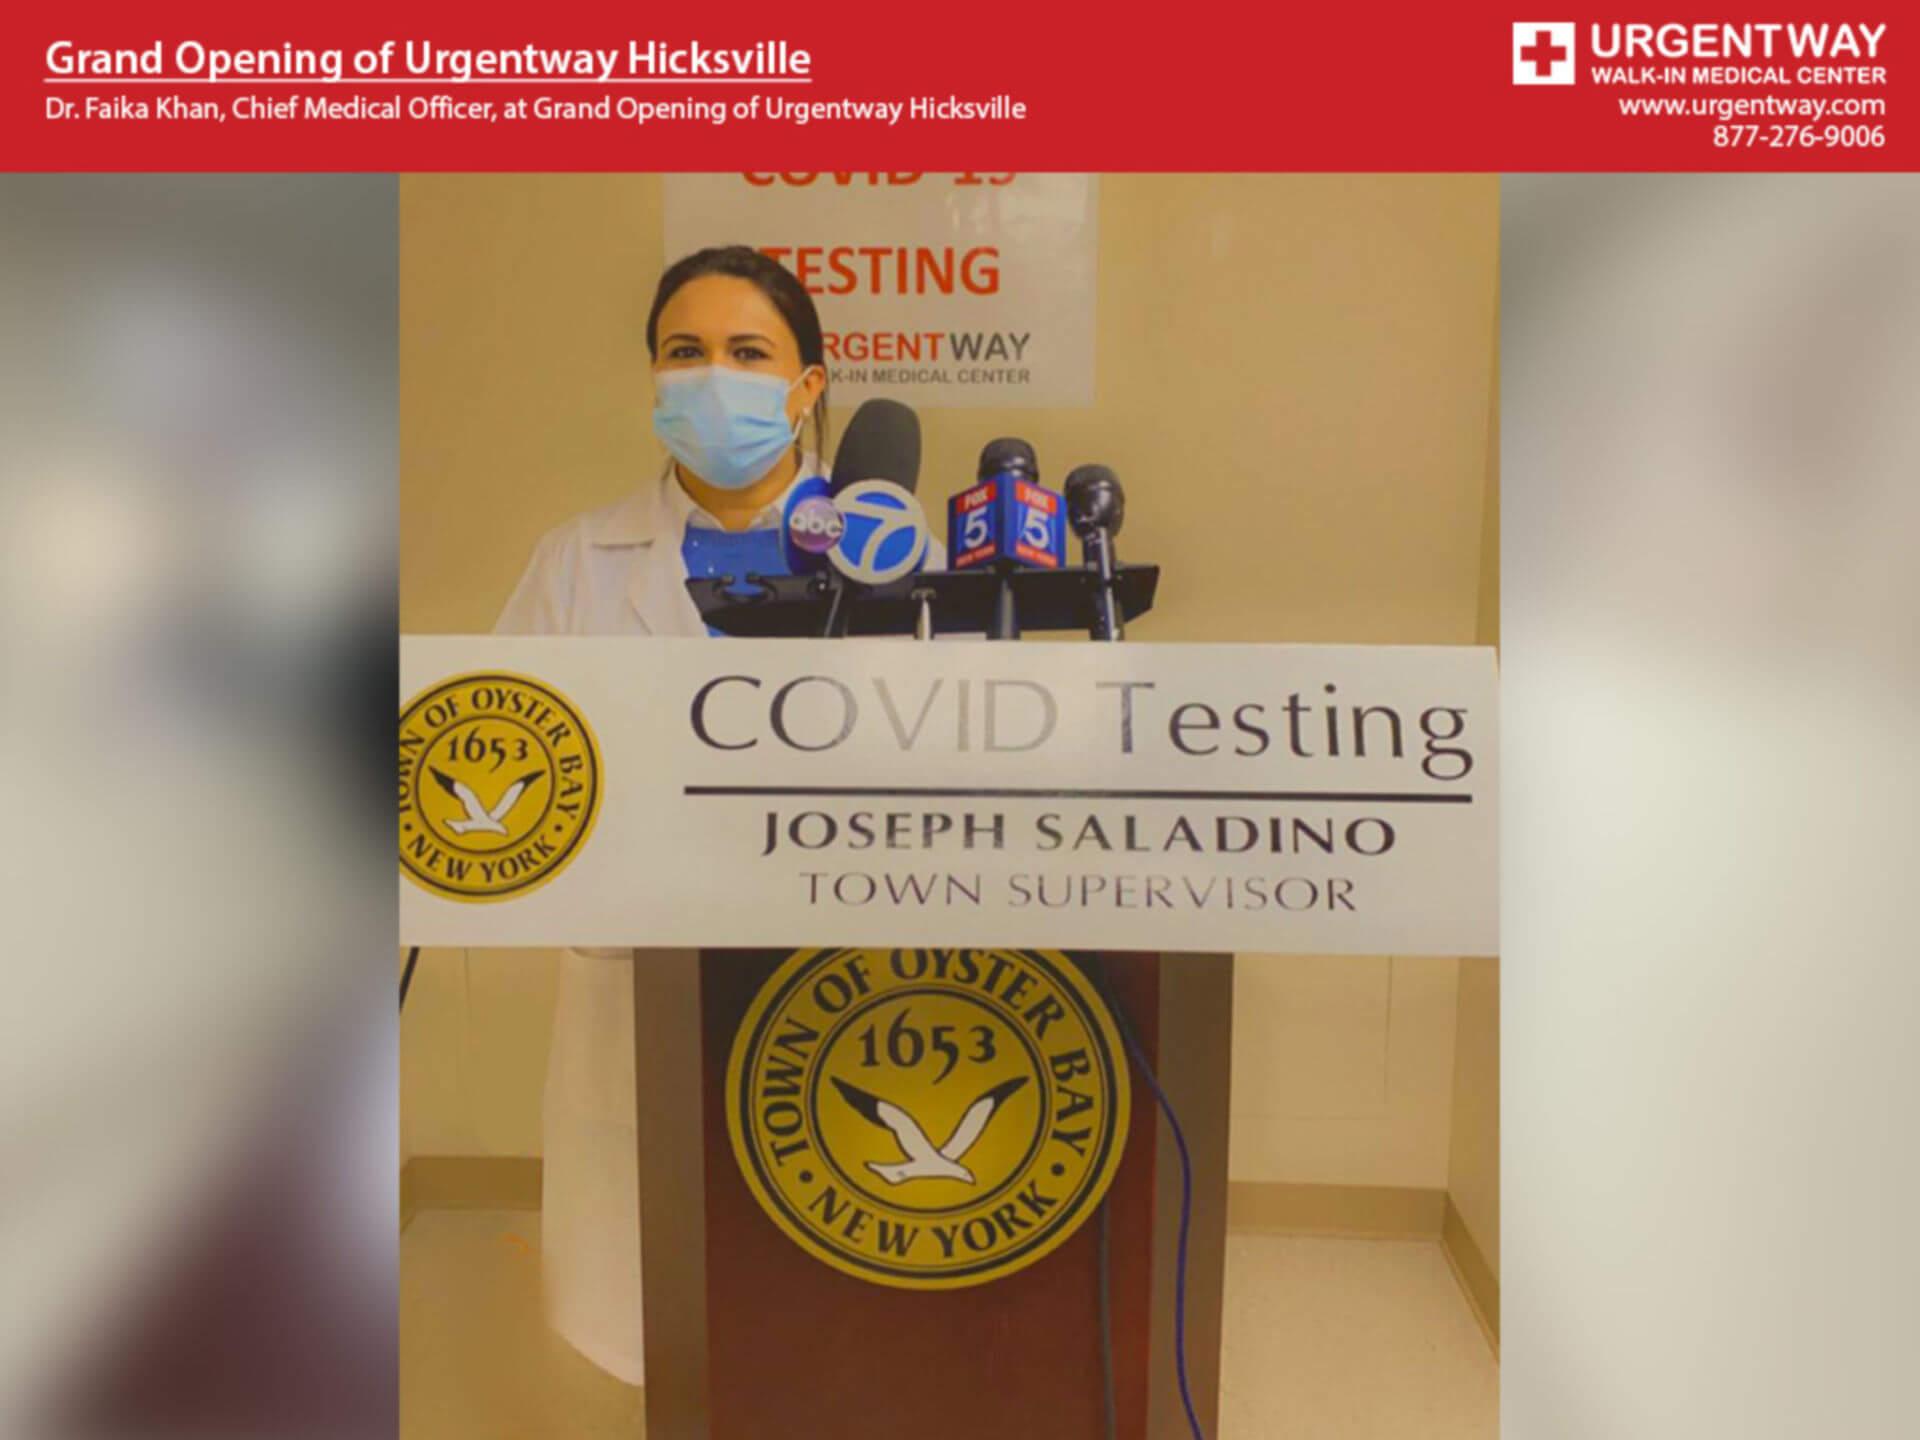 Dr Faika Khan at Urgentway Hicksville Grand Opening